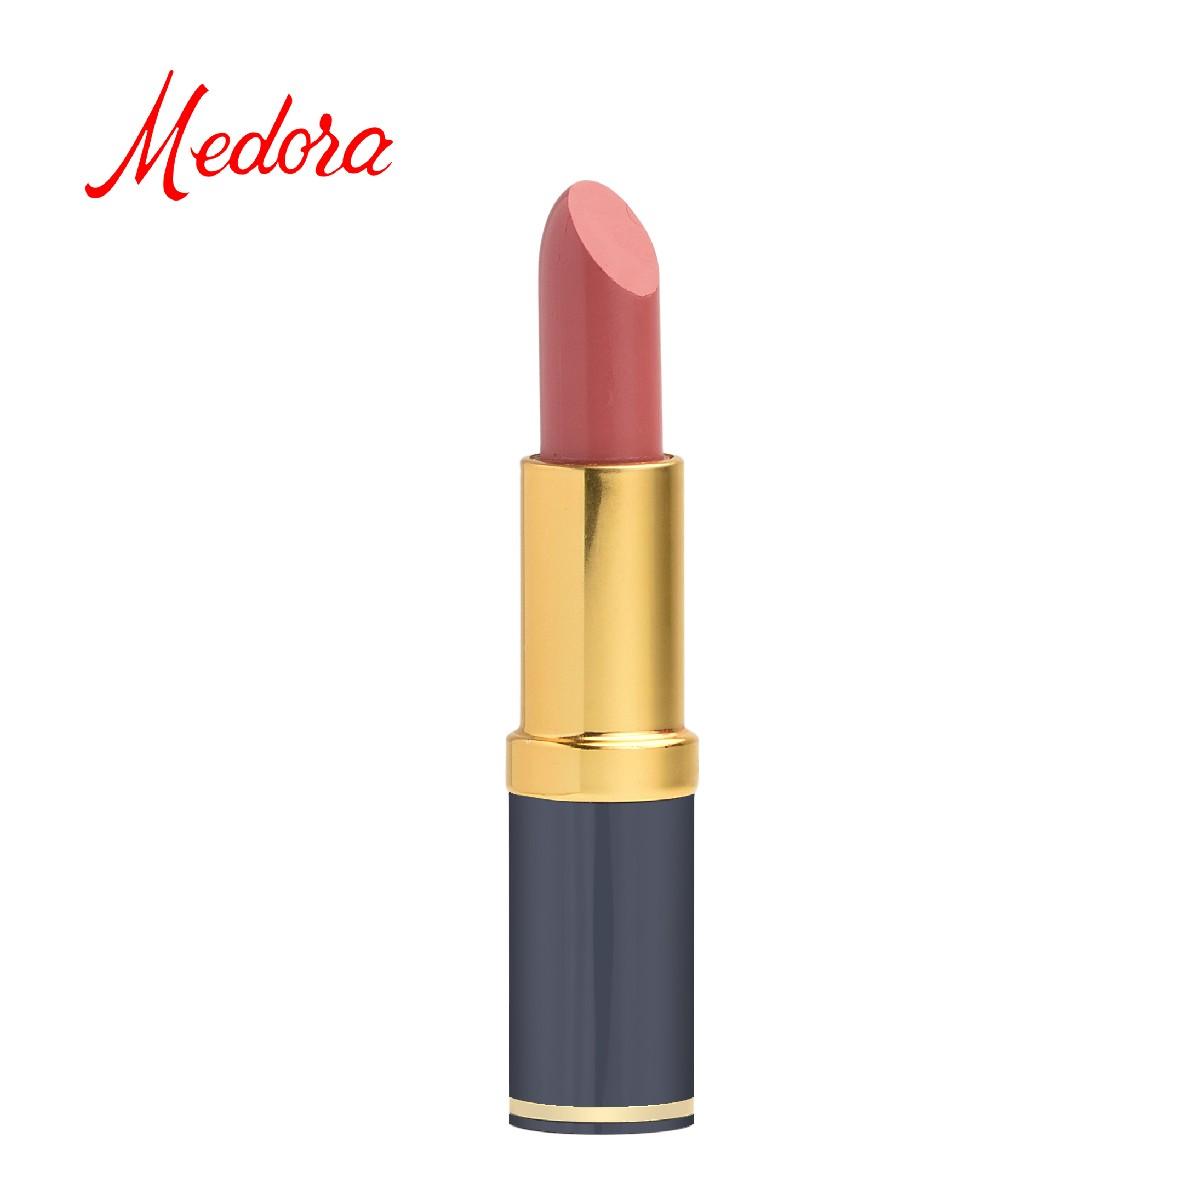 MEDORA Matte Lipstick- 216 Flavour